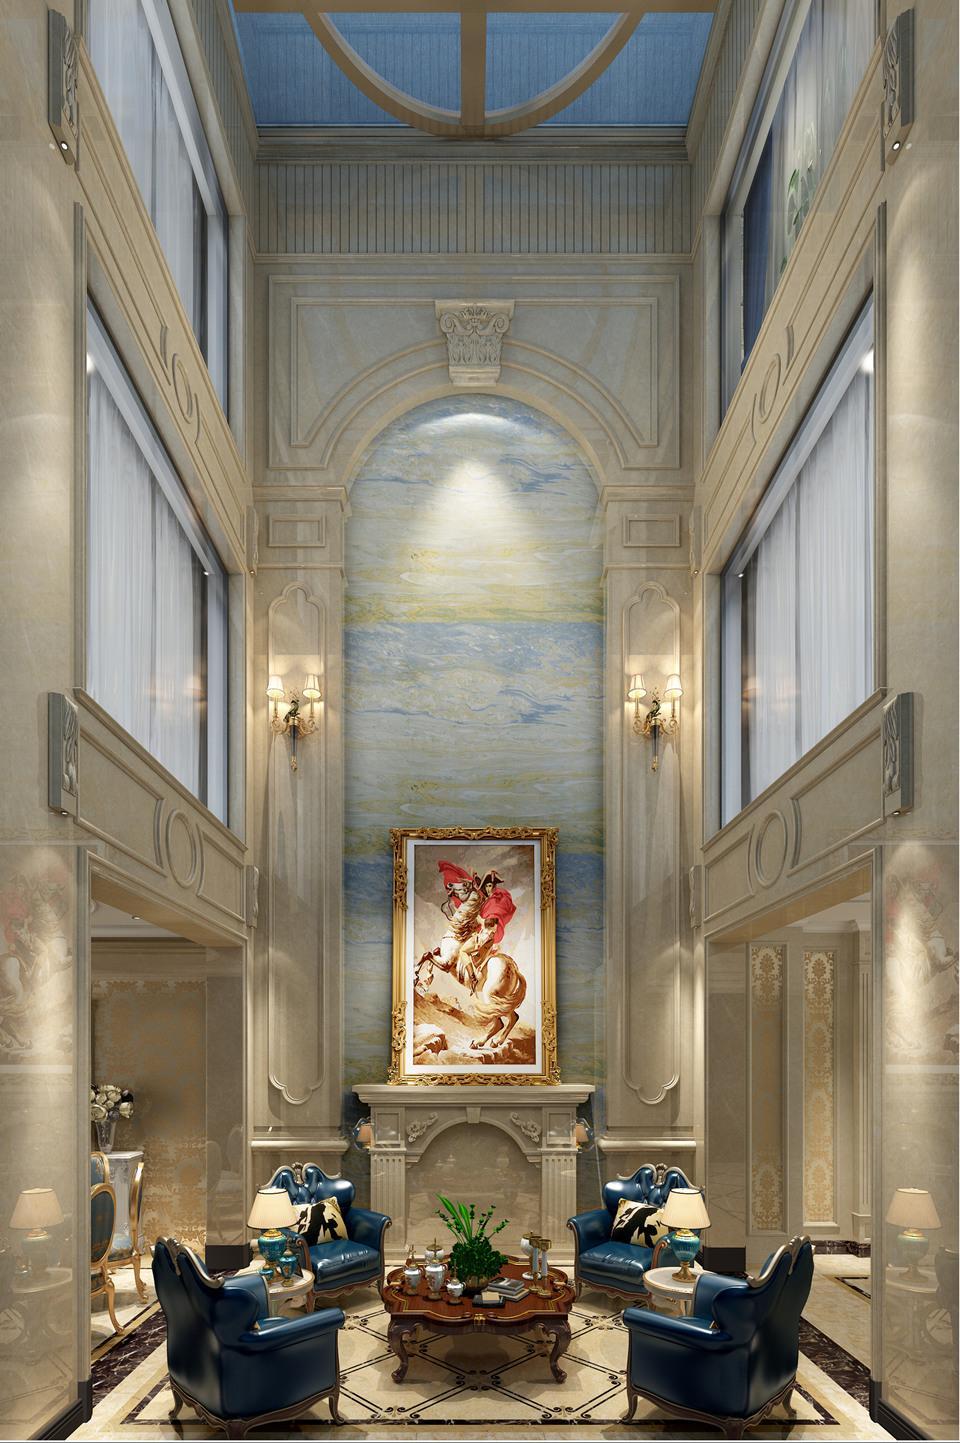 300平米别墅装修效果图, 将欧式风格的奢华展现得淋漓